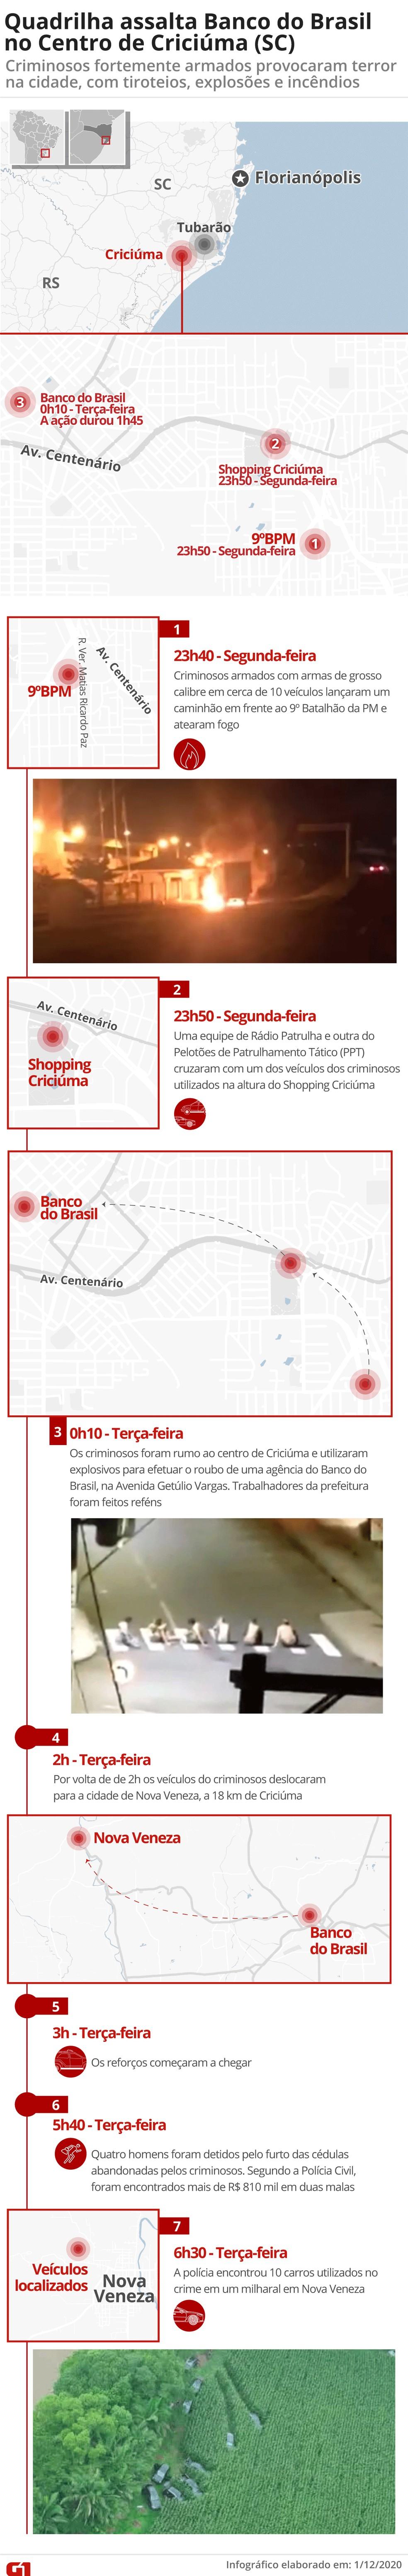 Cronologia do assalto a banco em Criciúma — Foto: Arte G1